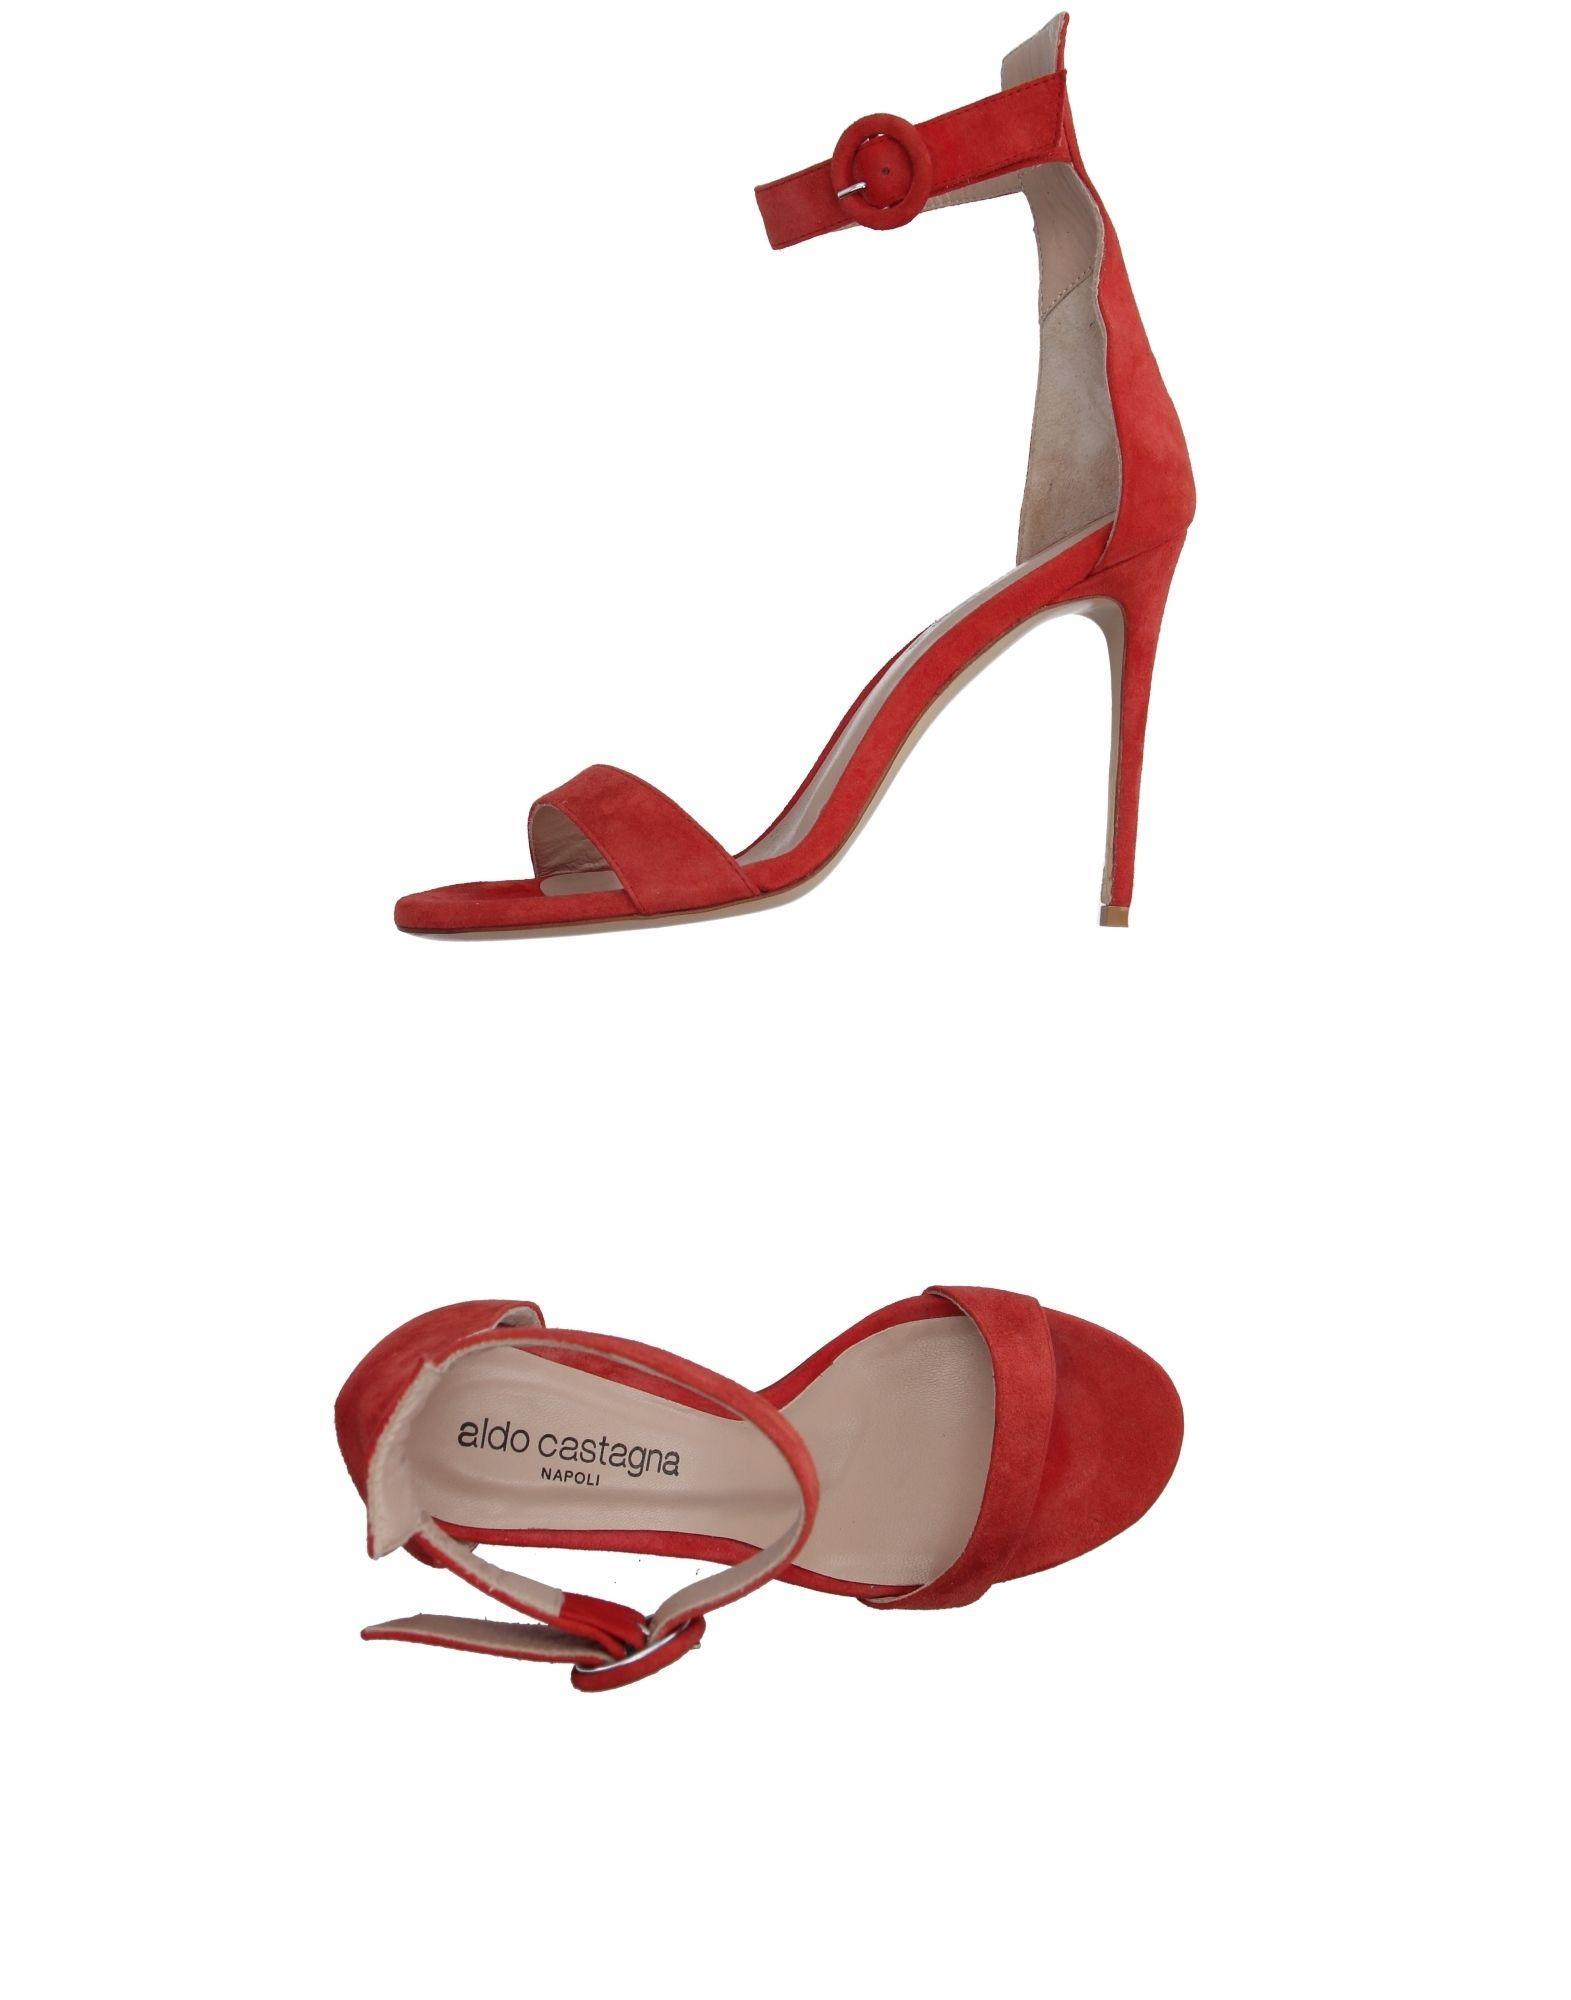 626f9fdb9c47 Aldo Castagna Sandals In Brick Red